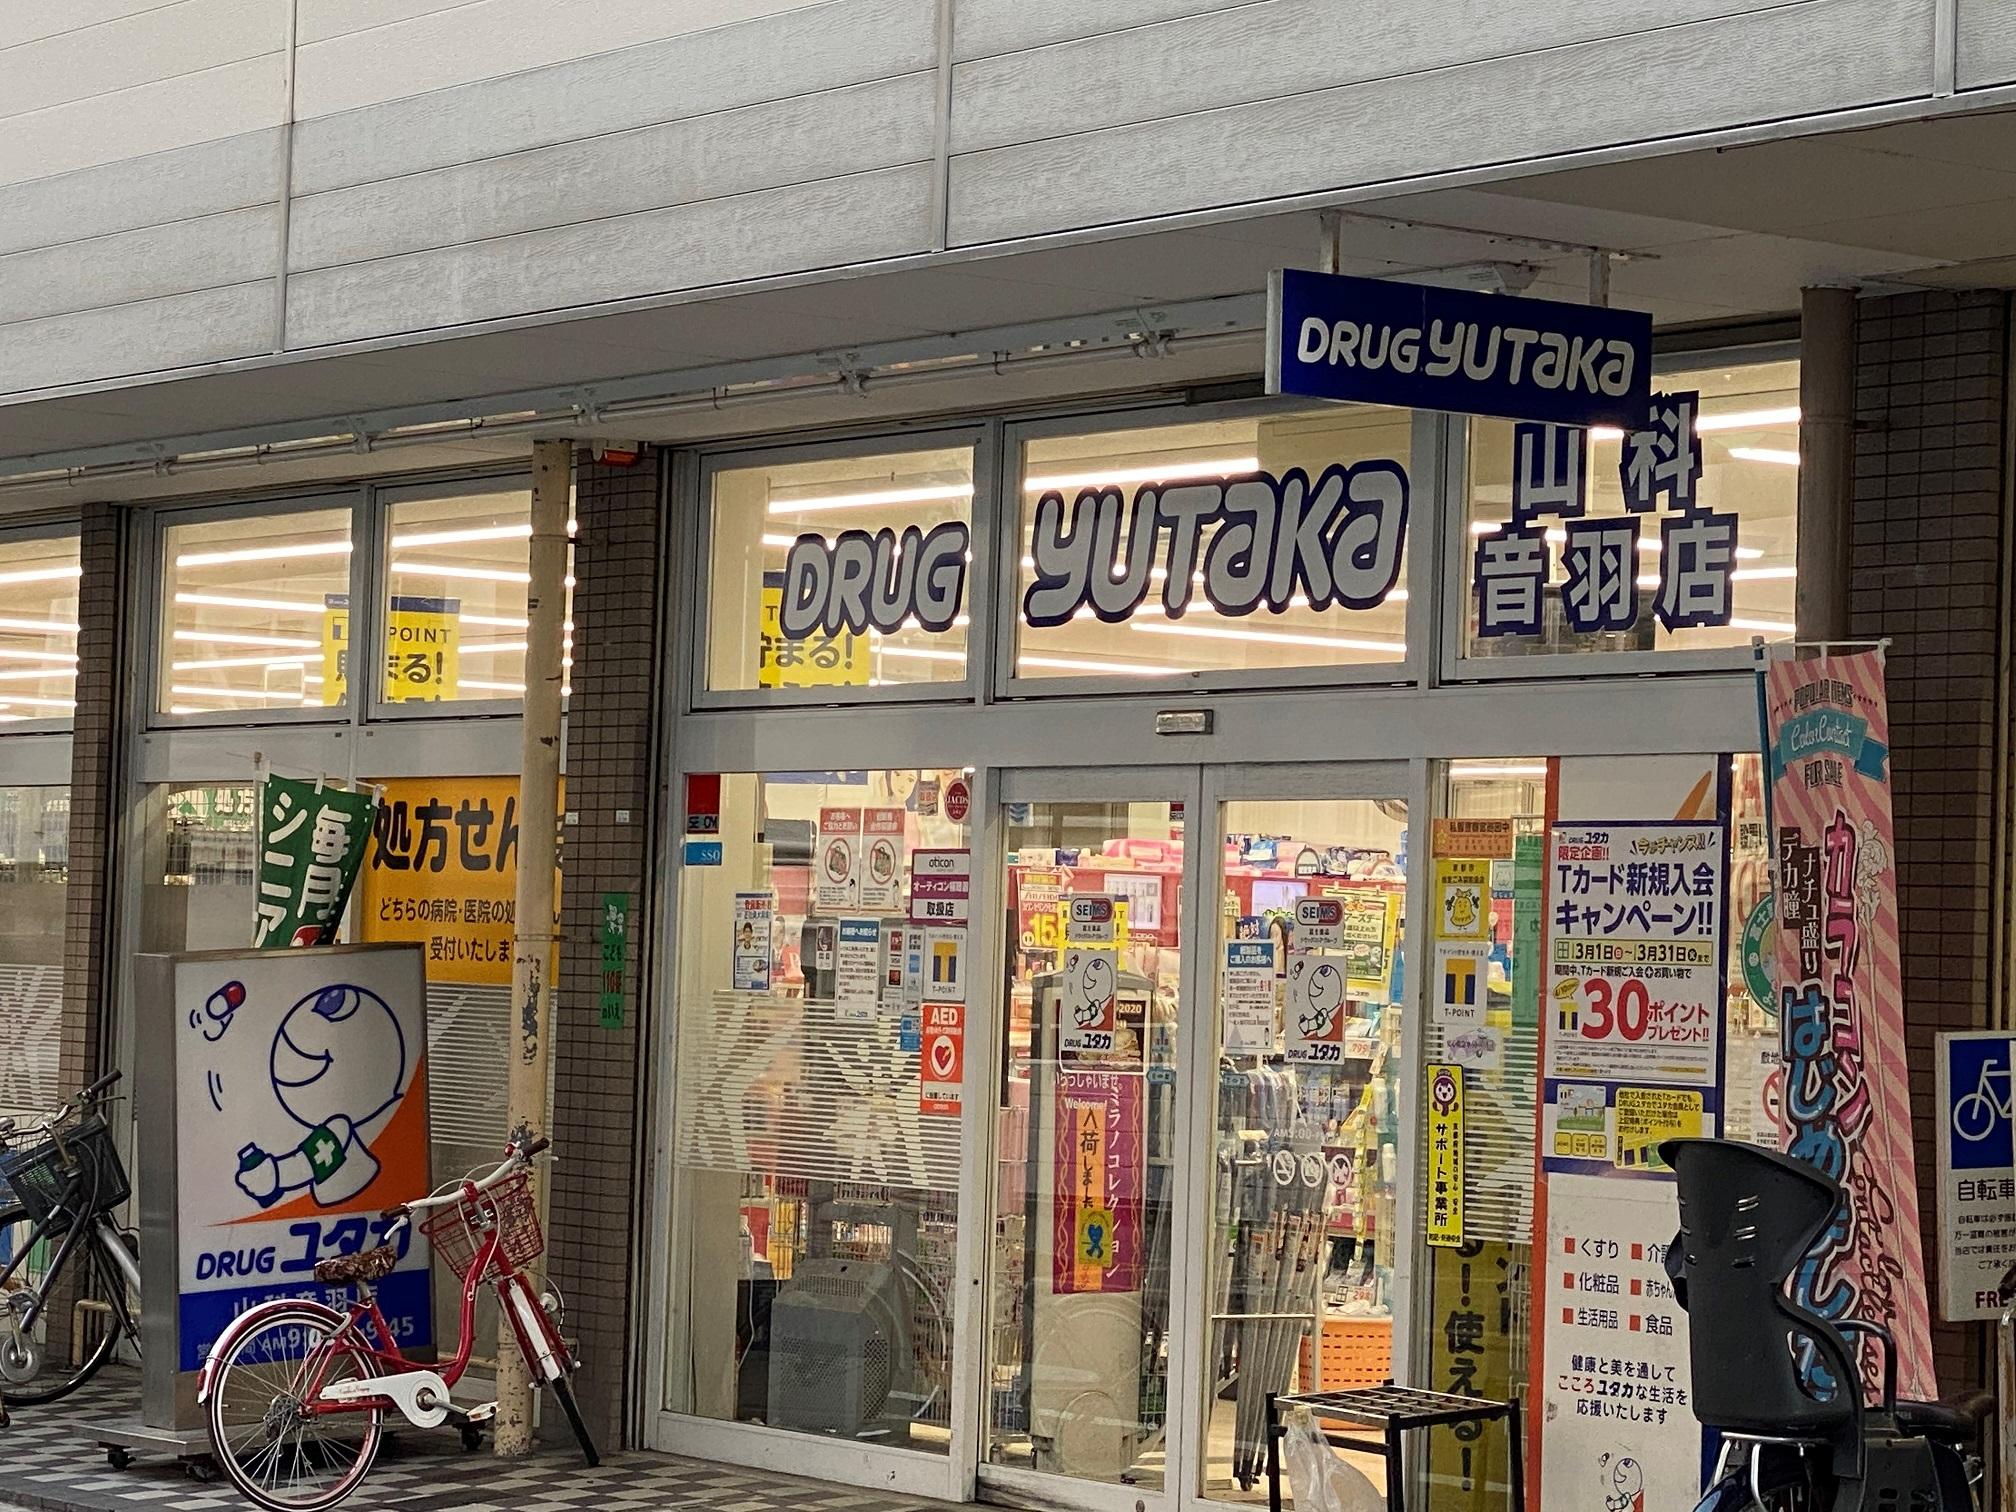 ドラッグストア/京都/山科